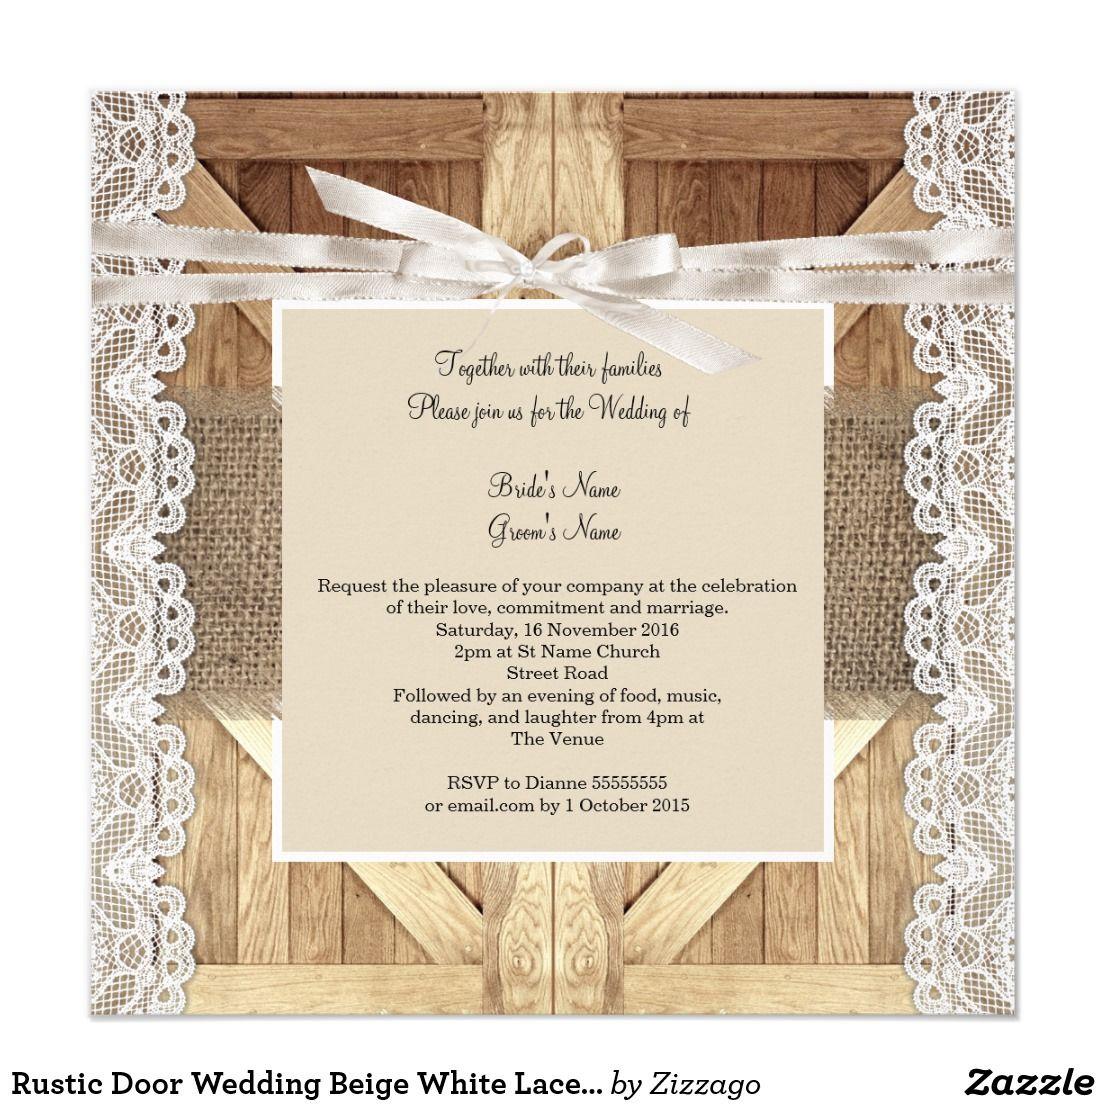 Rustic Door Wedding Ideas: Rustic Door Wedding Beige White Lace Wood Burlap